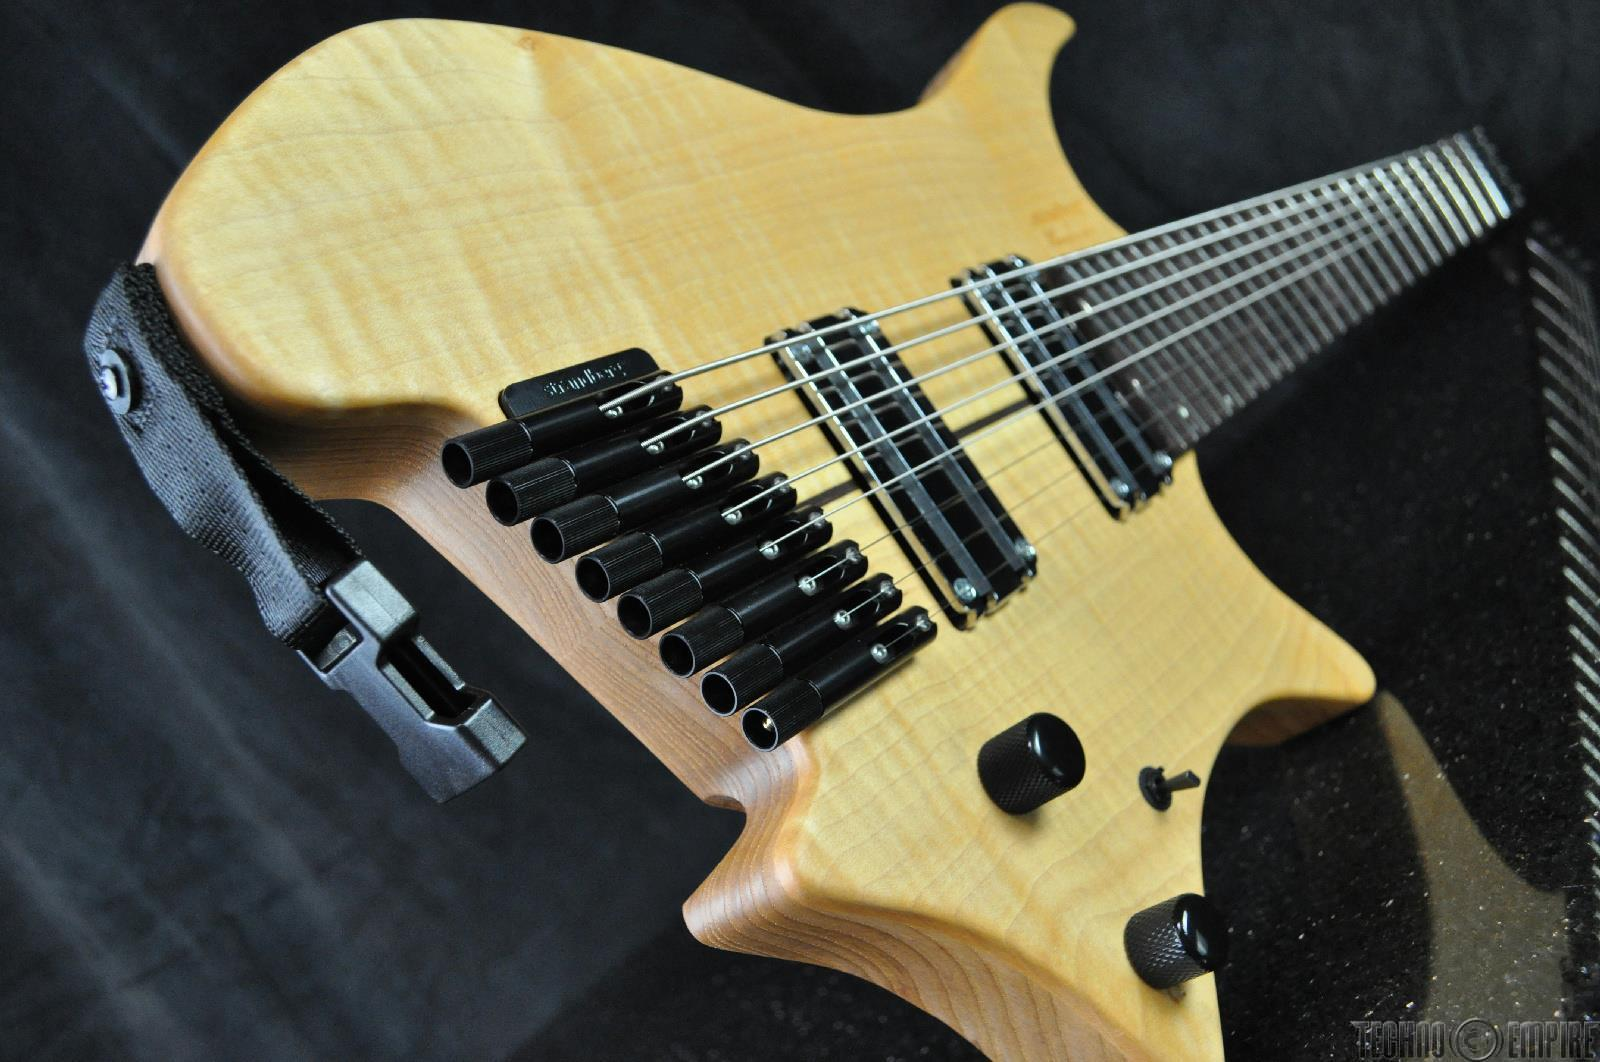 strandberg boden 8 string fanned fret headless electric guitar djent 16477 ebay. Black Bedroom Furniture Sets. Home Design Ideas